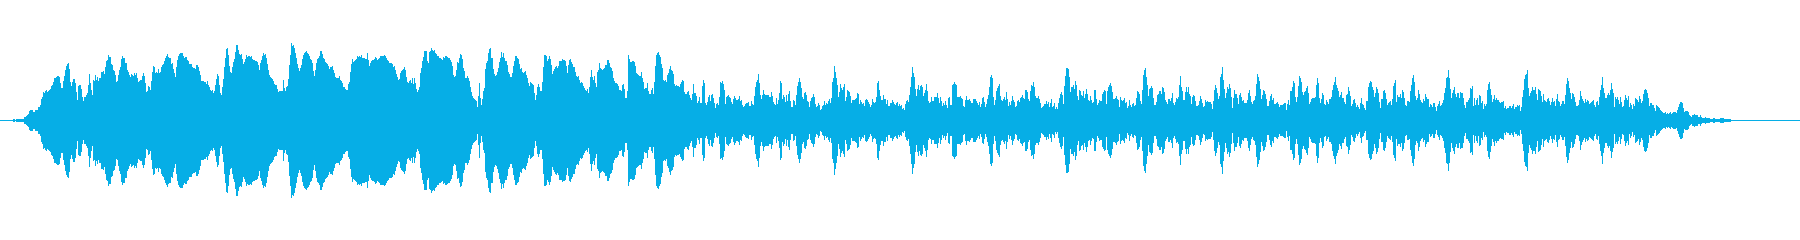 ホラー映画やサスペンス映画のようなBGMの再生済みの波形